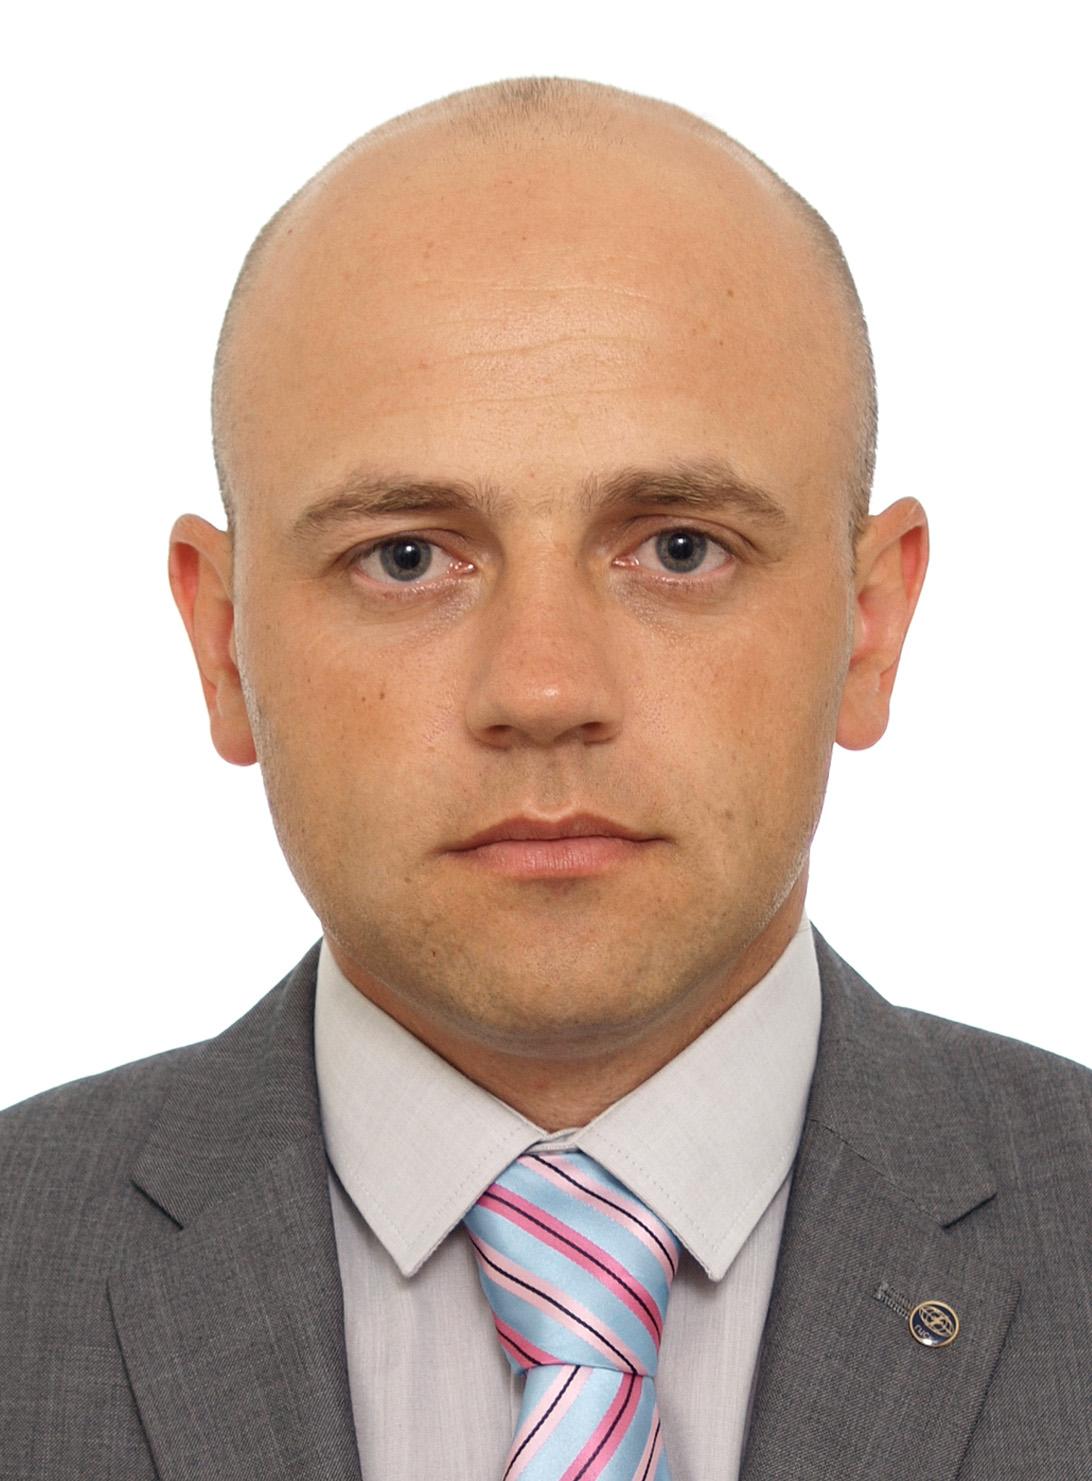 Заместитель начальника Главного центра специального контроля полковник Игорь Корниенко. Фото: gcsk.gov.ua